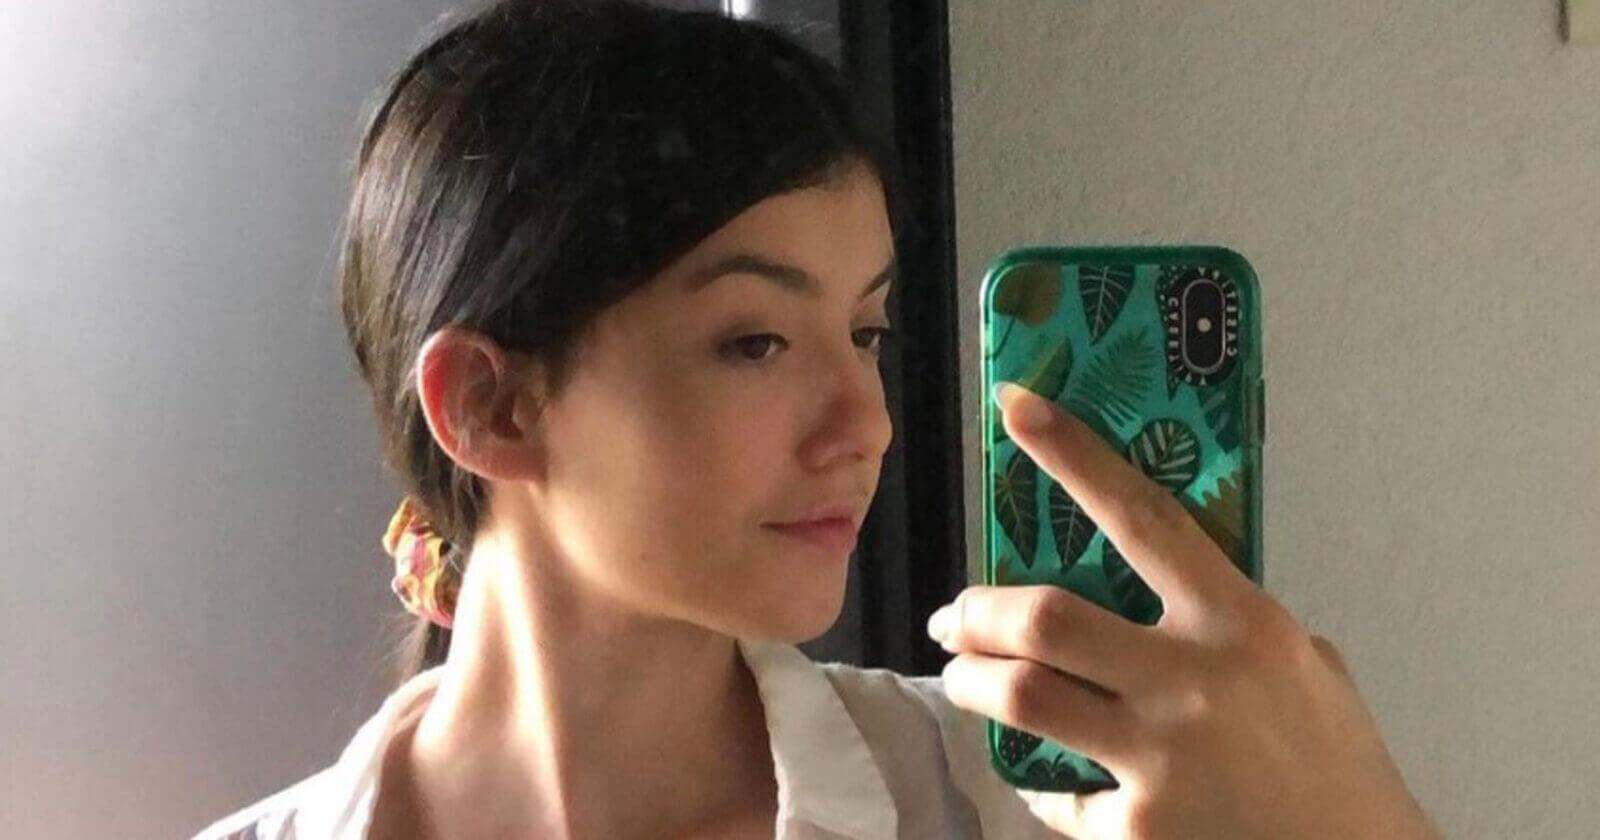 Chi è Nika Paris X Factor 2021: Biografia, Età, Origini e Instagram